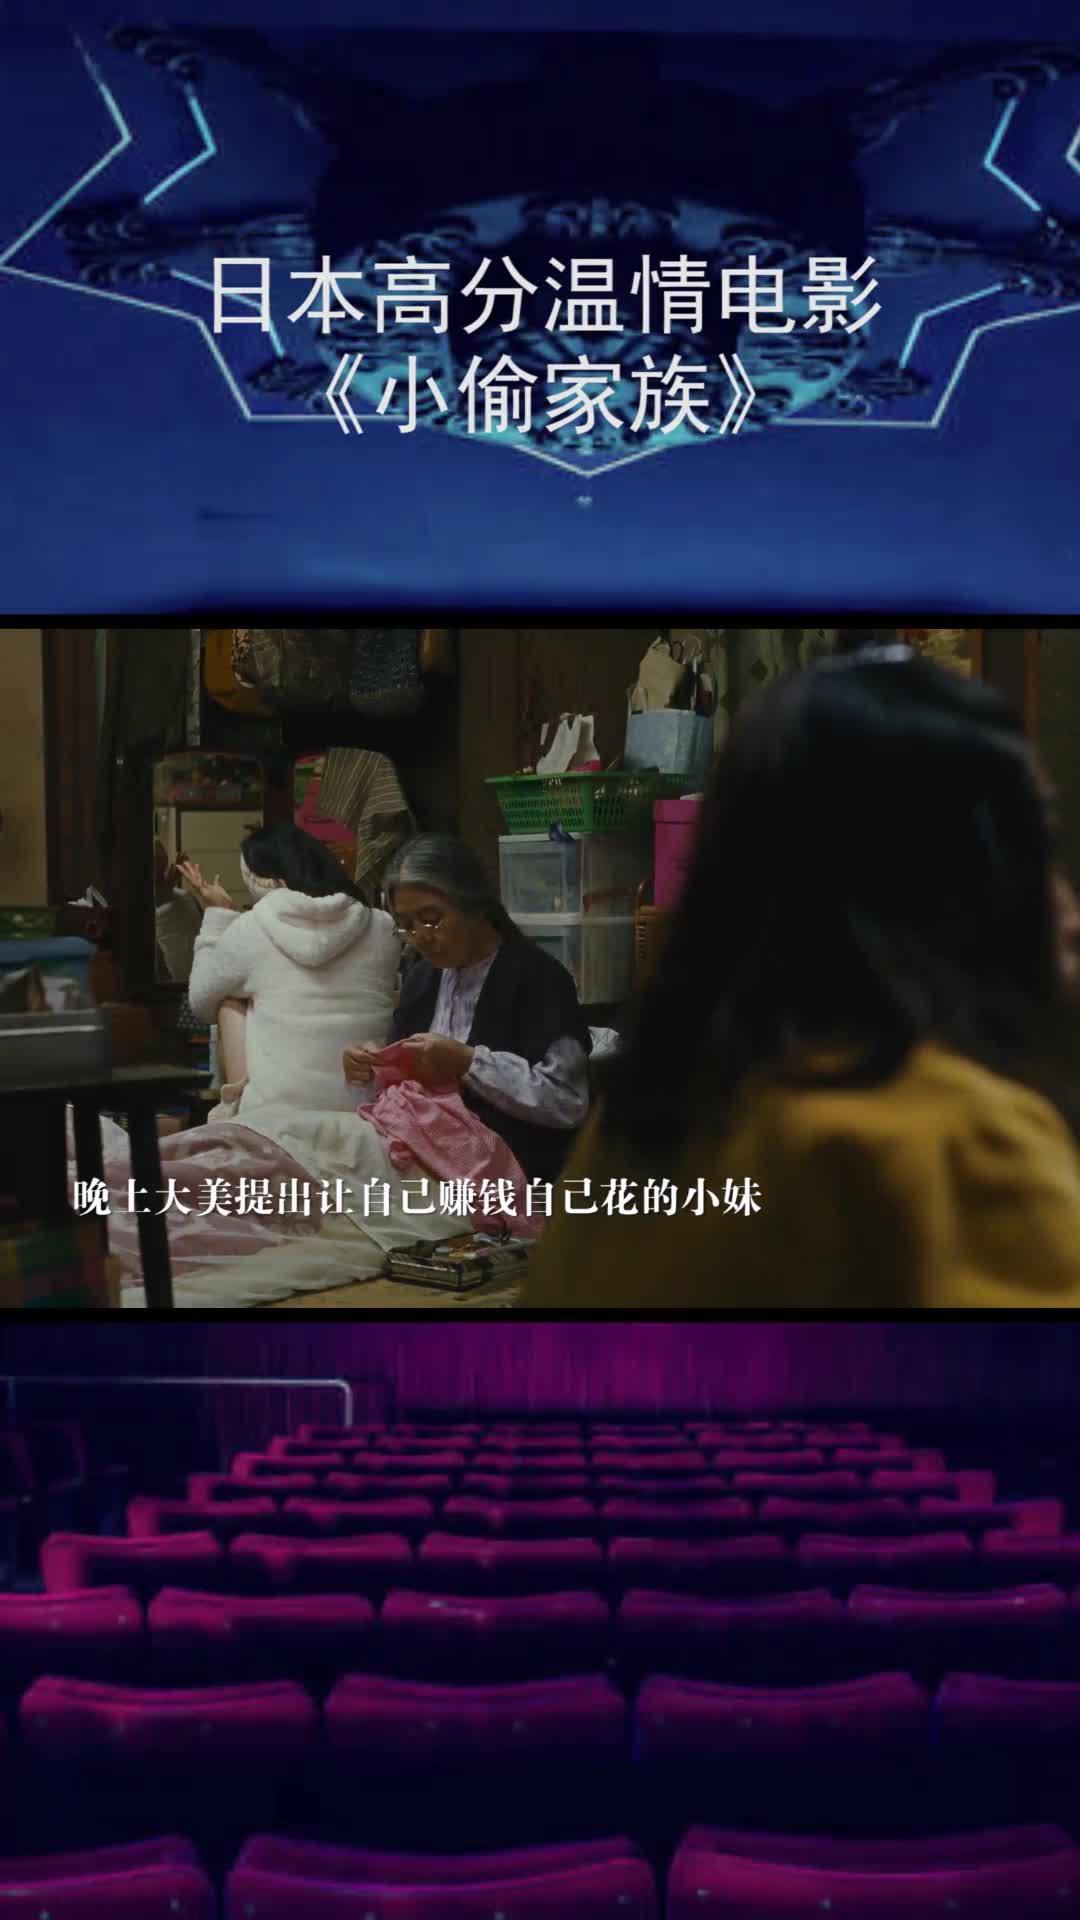 #undefined#不可多得的高分日本电影,看着看着就泪目了!《小偷家族》 @